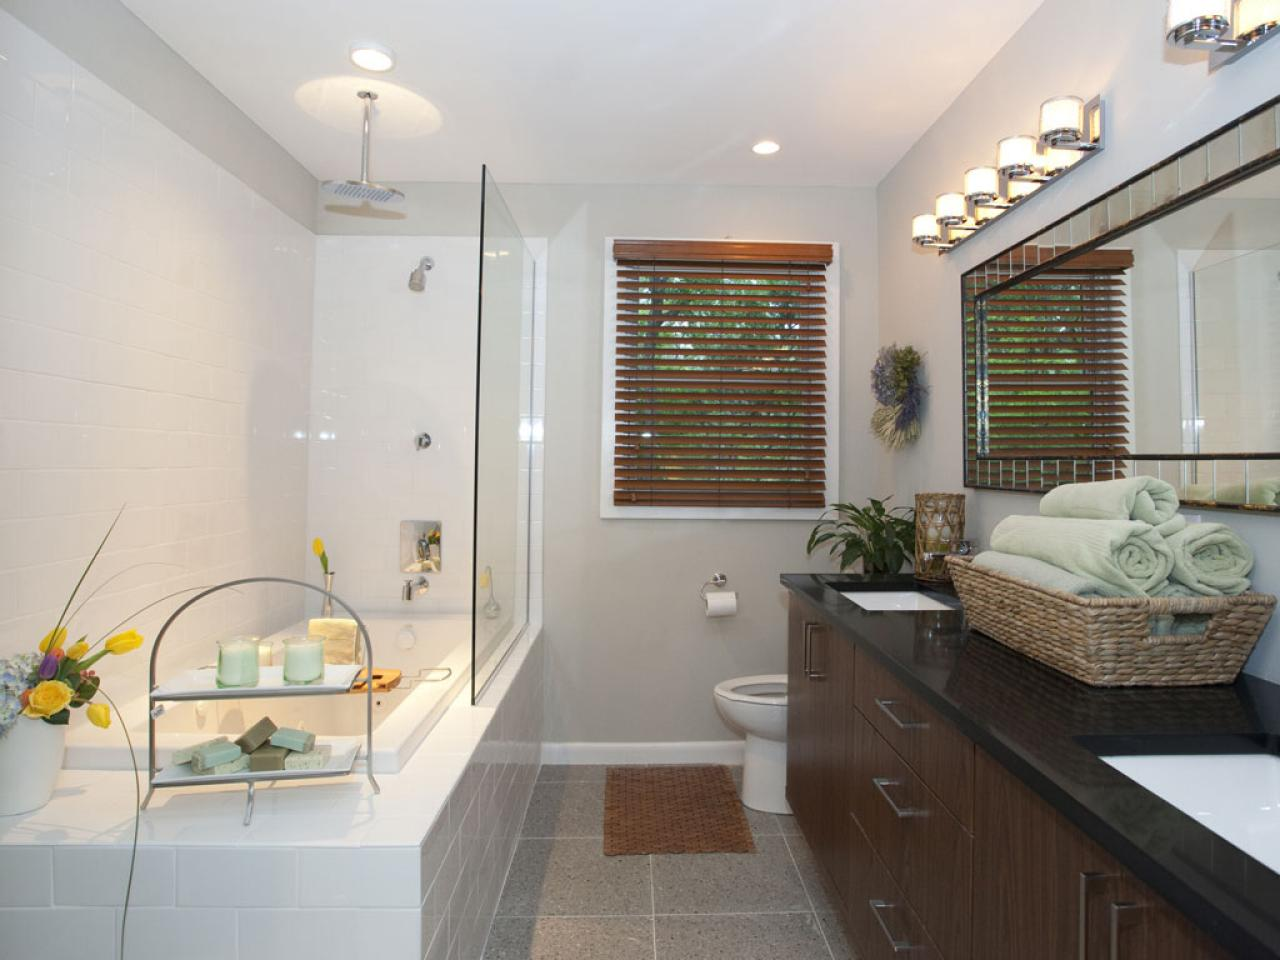 HPBRS409_bathroom-AFTER_0023_s4x3.jpg.rend.hgtvcom.1280.960